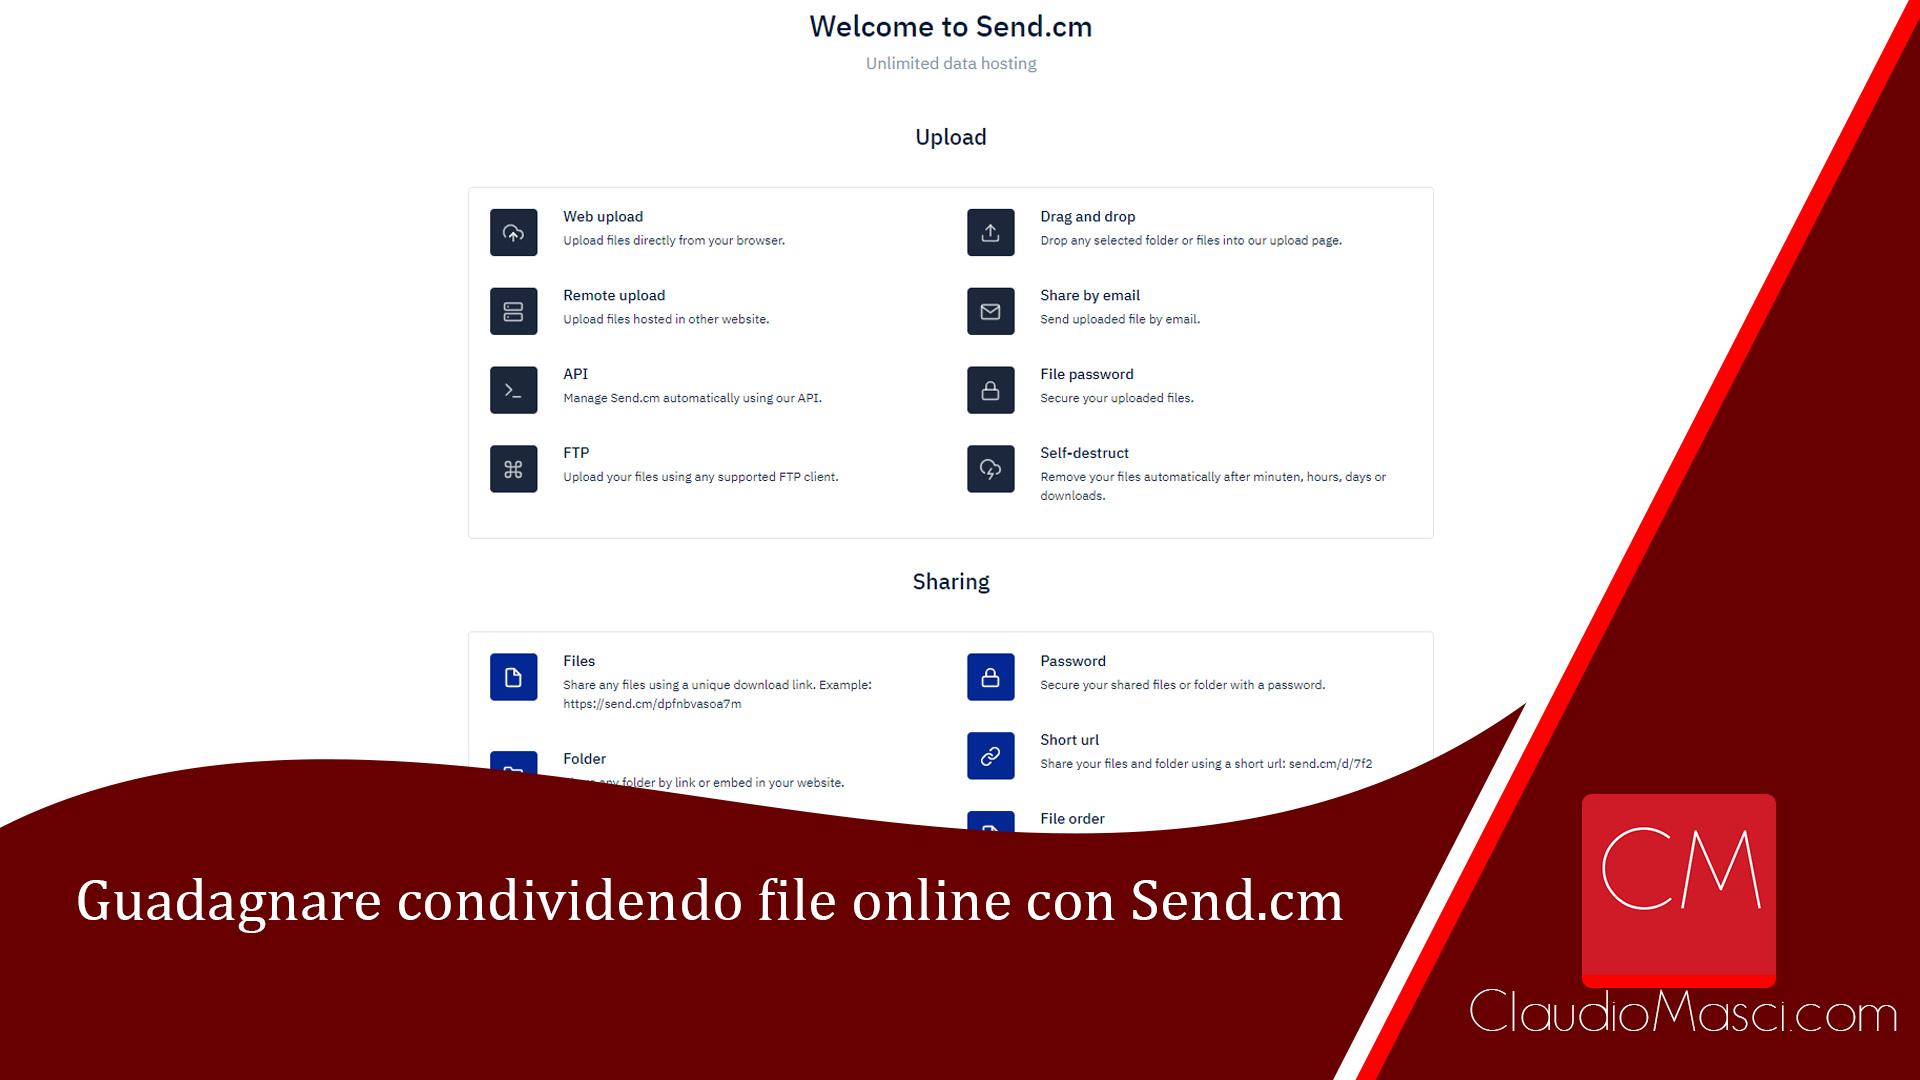 Guadagnare condividendo file online con Send.cm